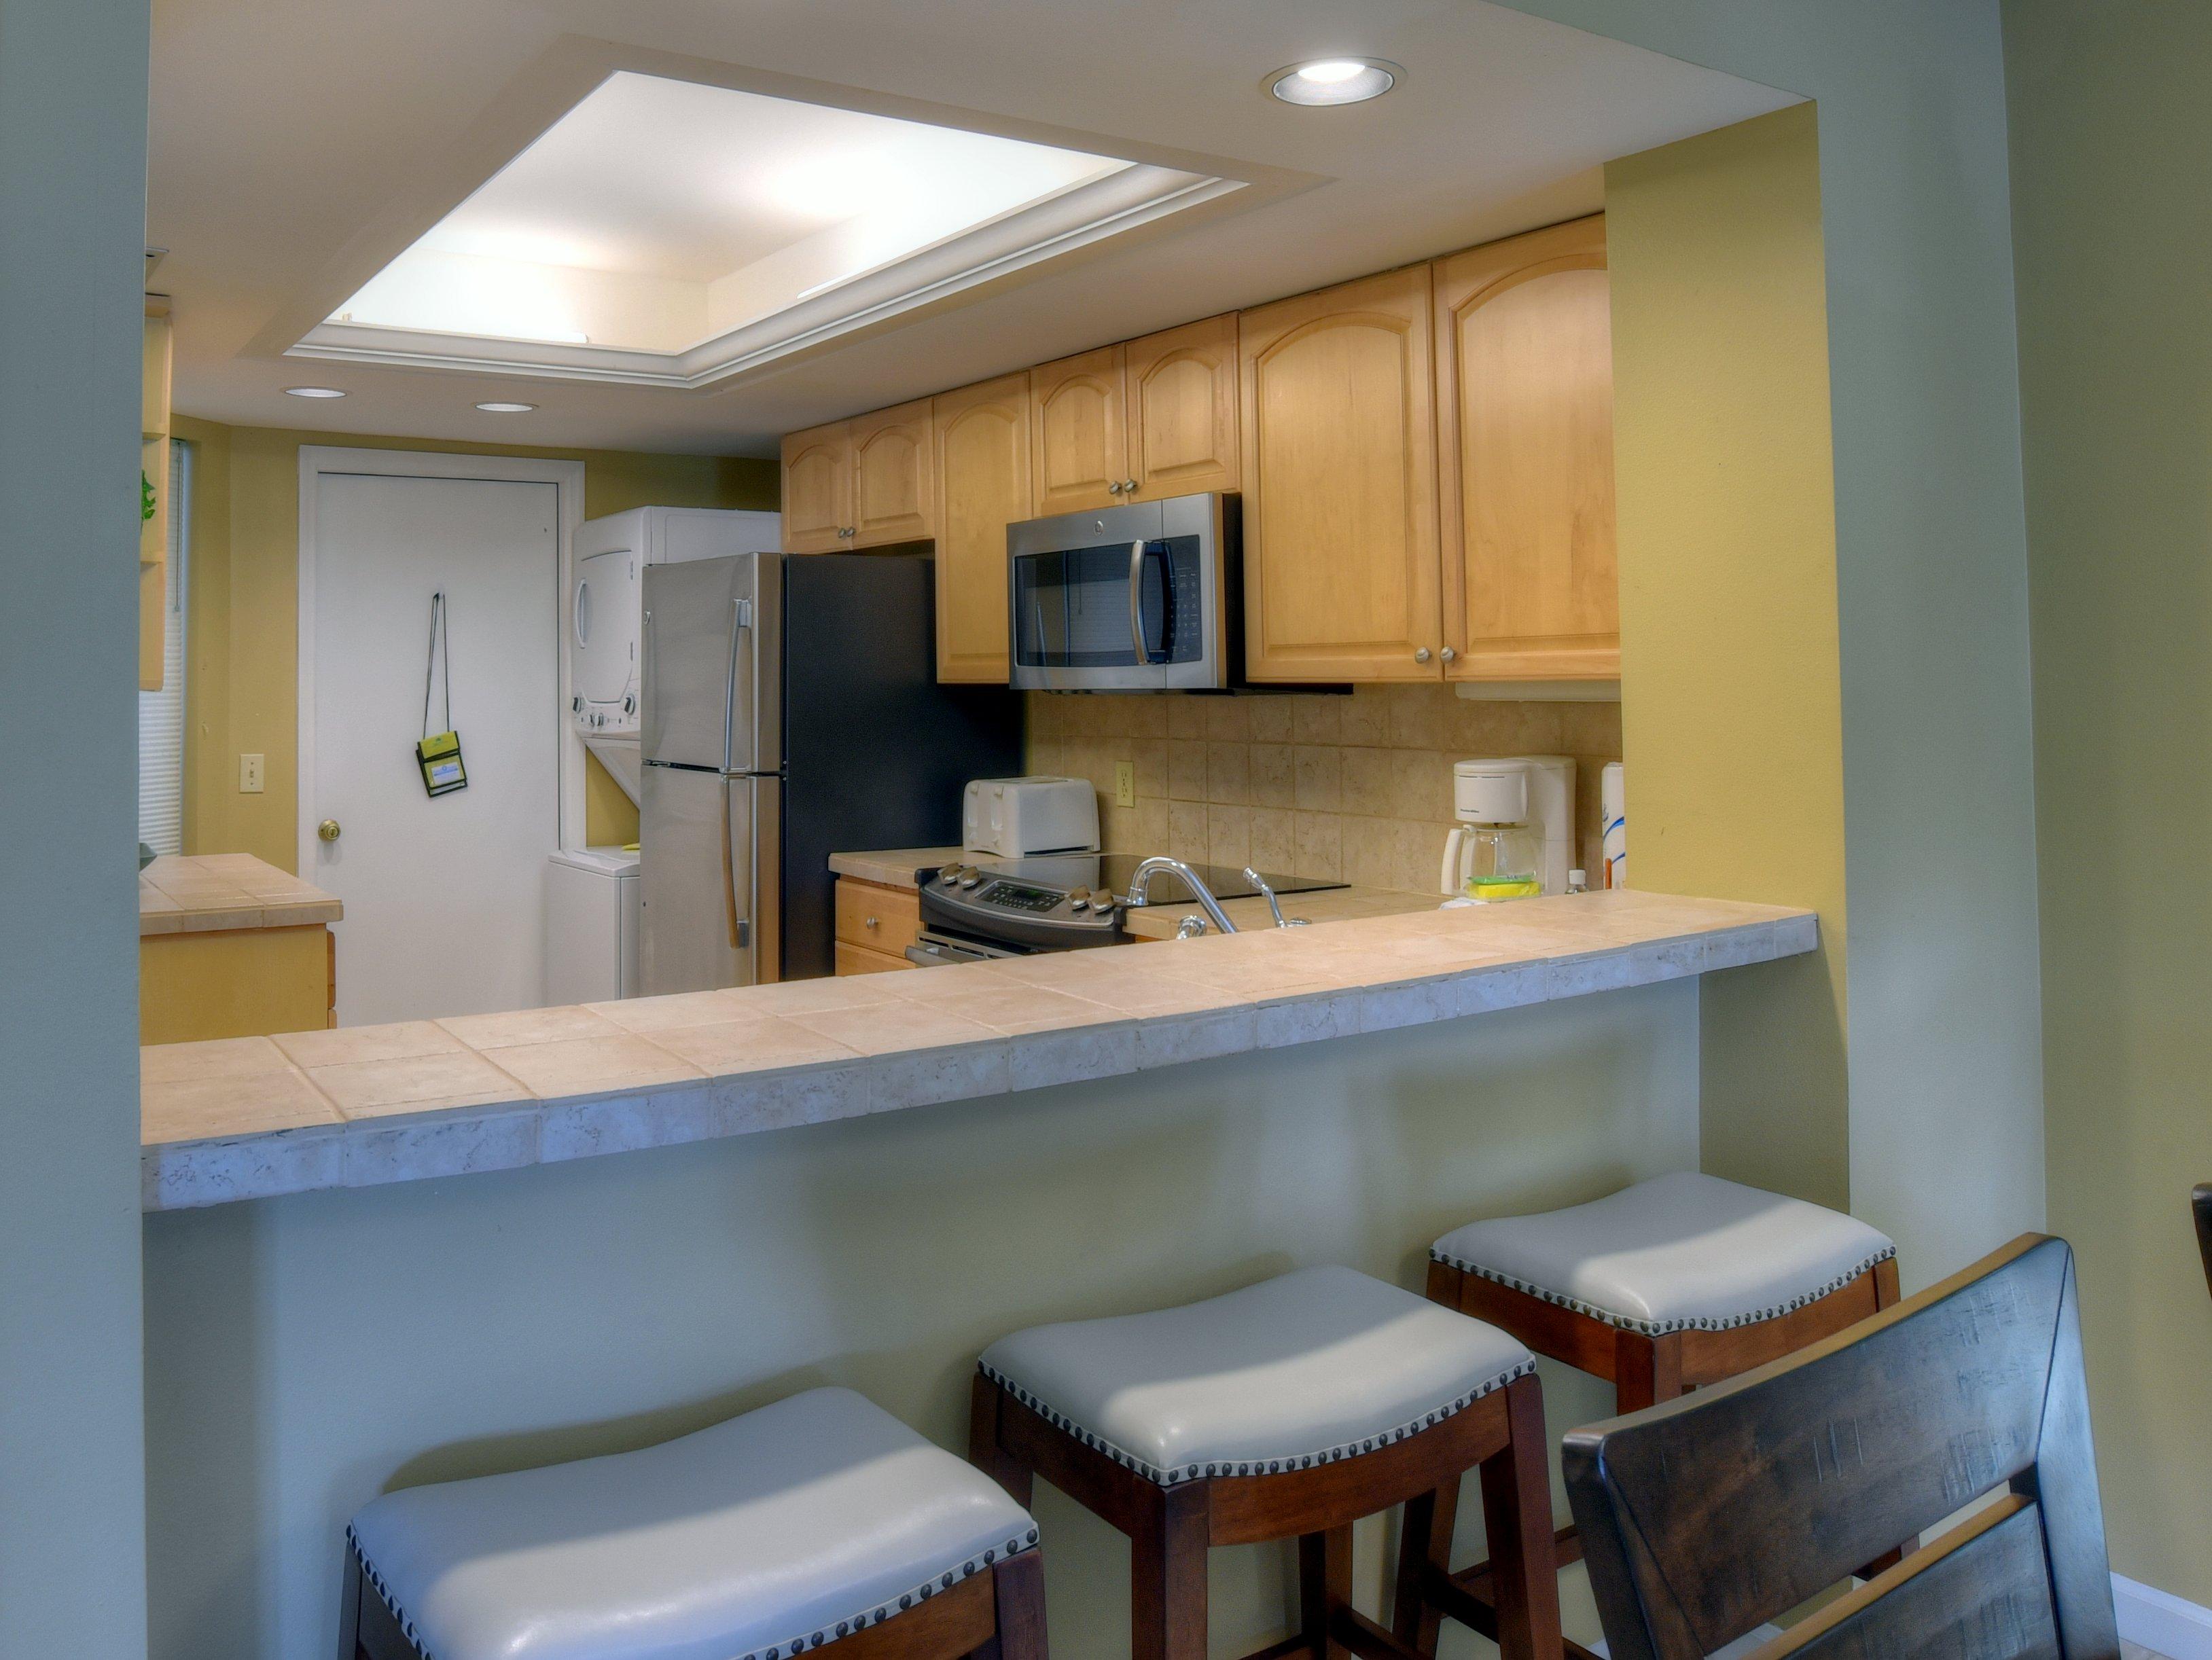 285 Fairways Condo rental in Sandestin Rentals ~ Cottages and Villas  in Destin Florida - #6